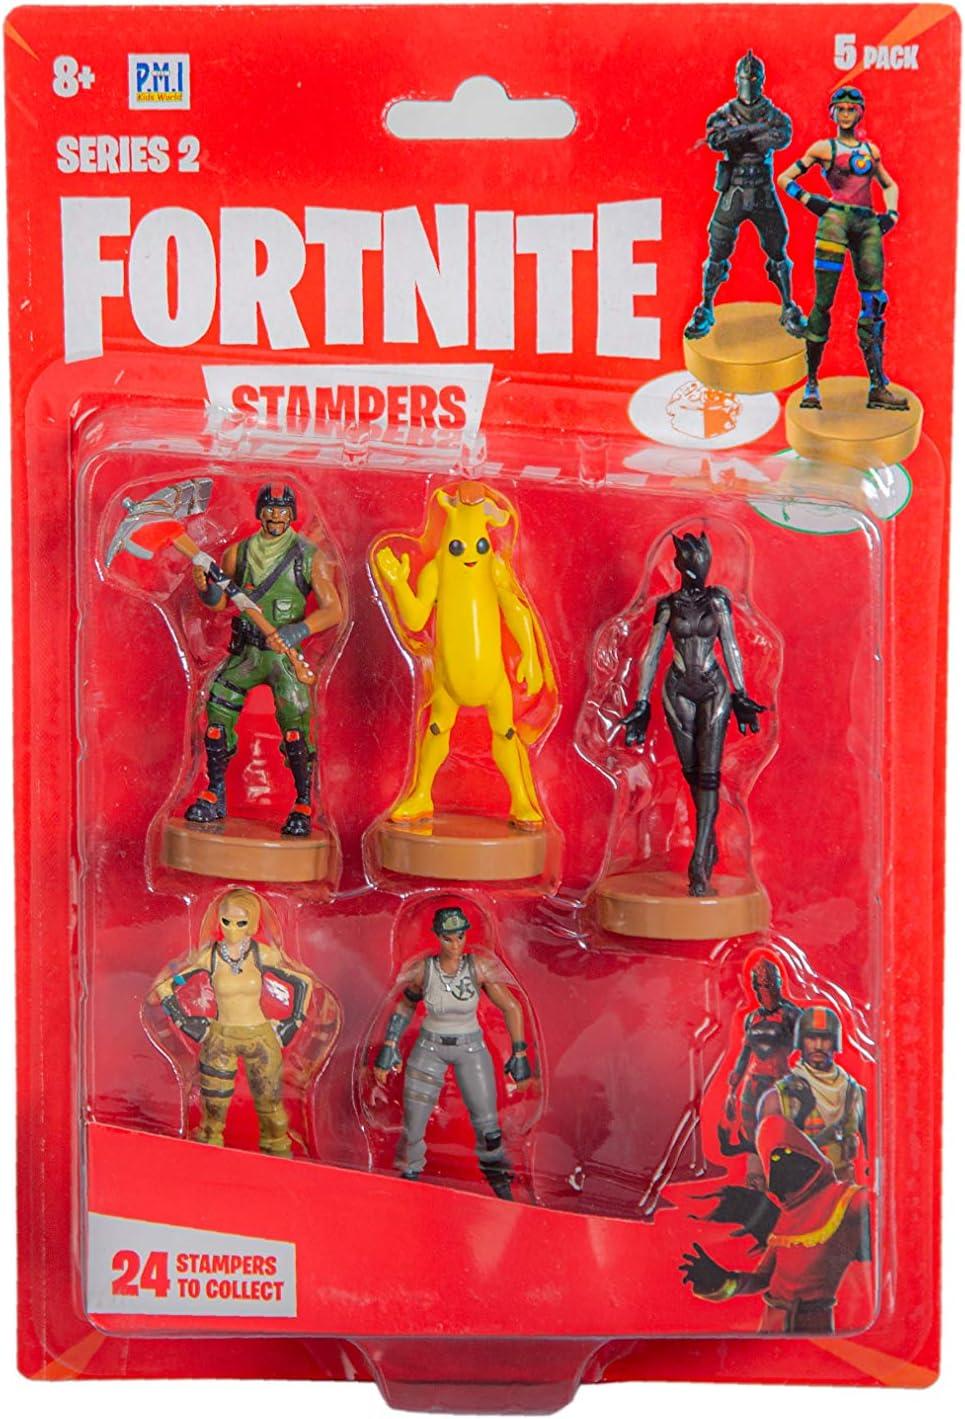 Epic Games Fortnite Stampers Series 2 5 Pack Figuras - Selección Ramdom: Amazon.es: Juguetes y juegos